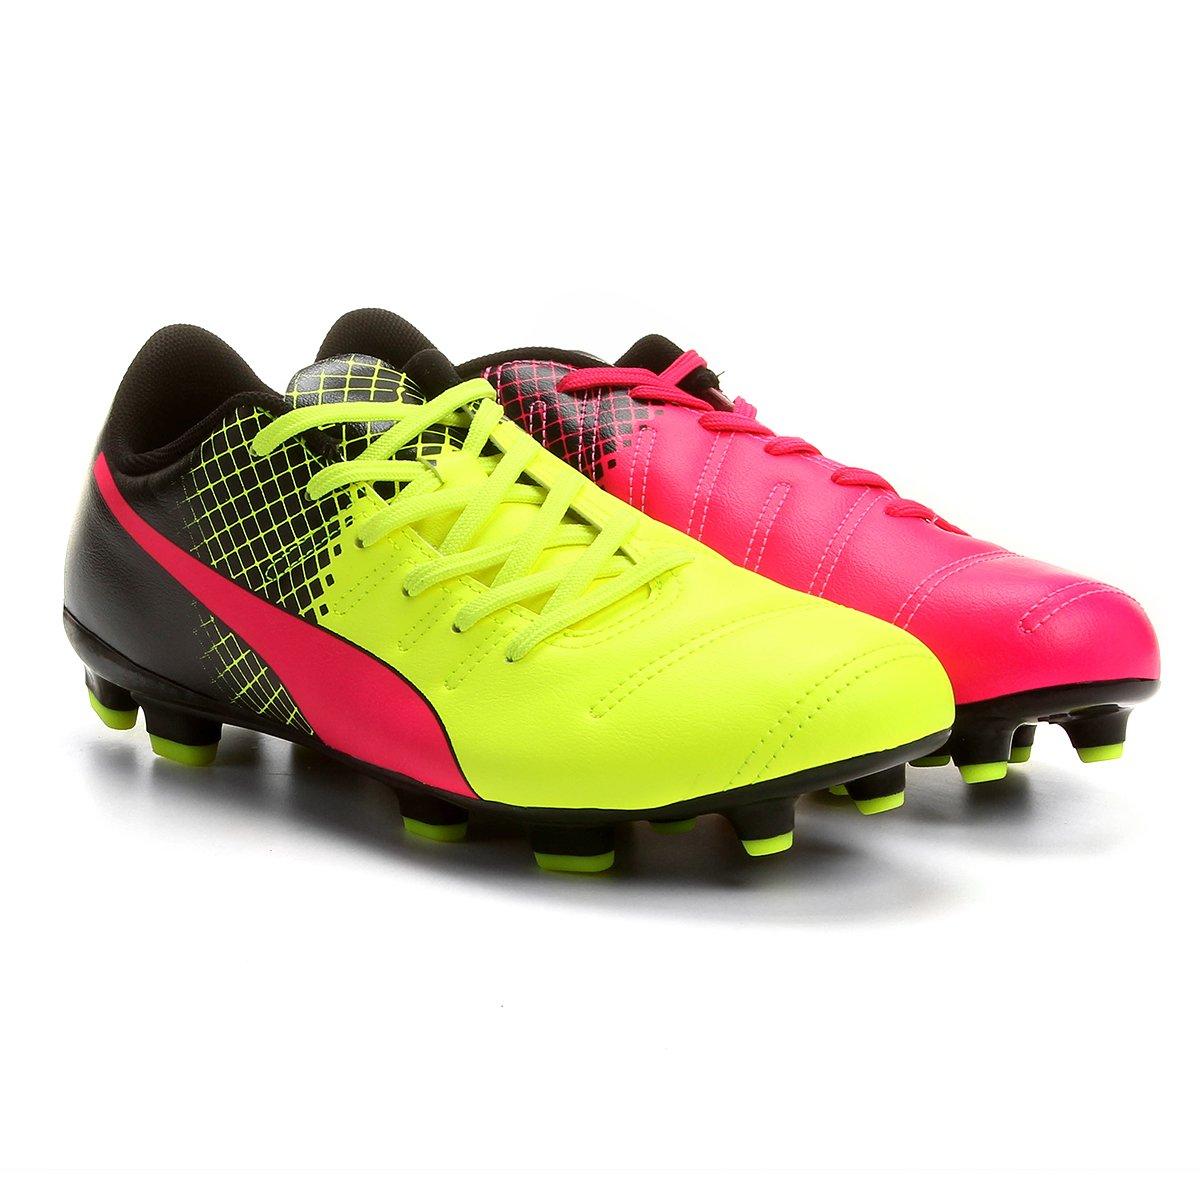 6fb72f551c Chuteira puma evopower tricks campo pink e amarelo compre agora netshoes  jpg 1200x1200 Chuteira puma duas